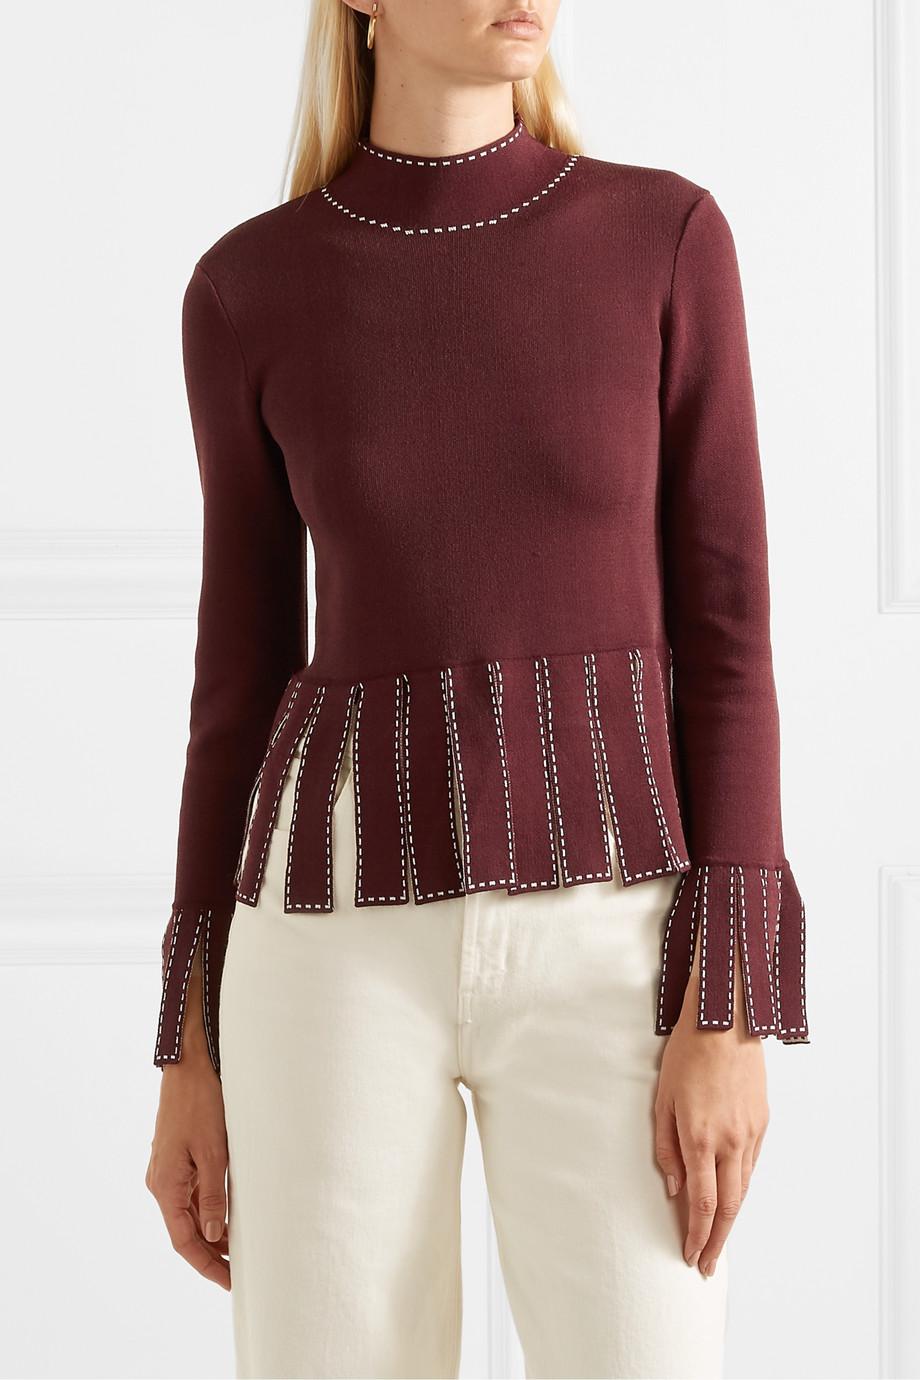 γυναίκα φορά πουλόβερ με κρόσσια Staud